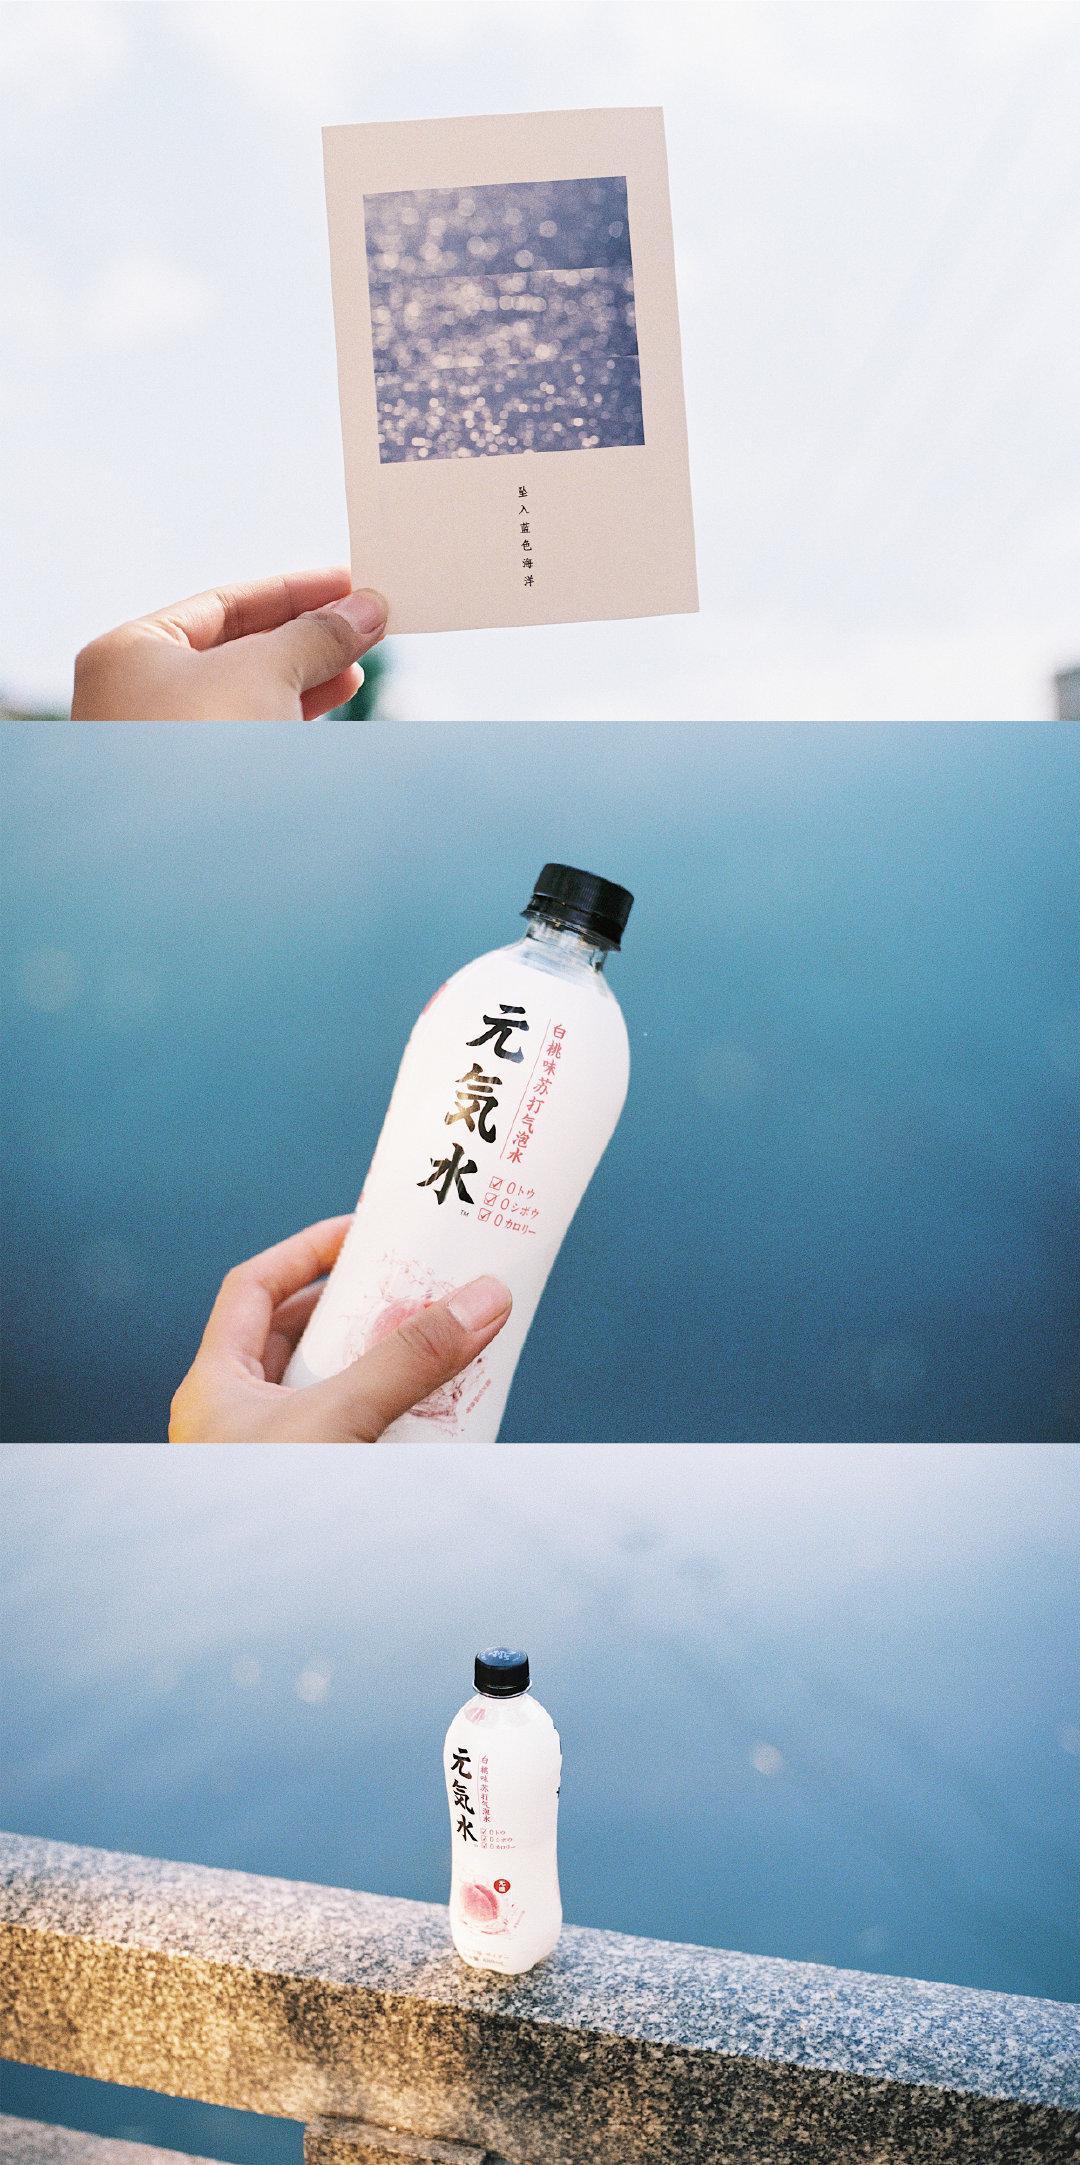 """""""28度的夏天""""By@一方桔梗 优秀摄影作品推荐。"""